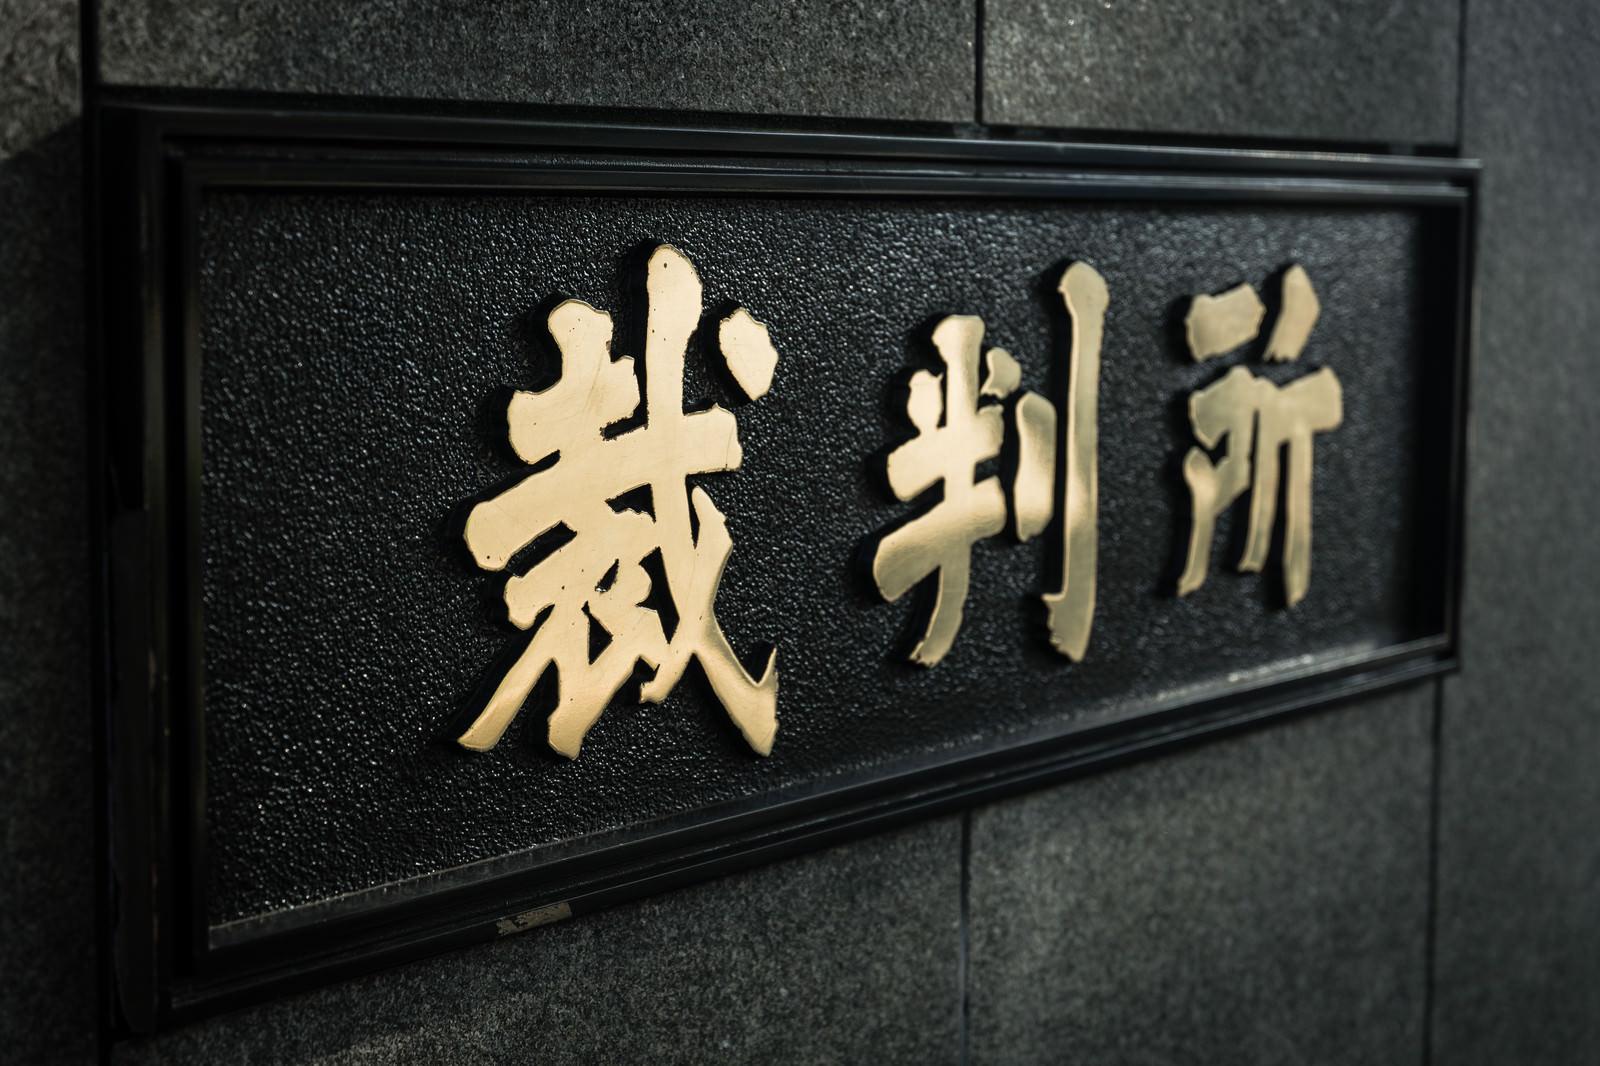 東京高裁前の裁判所と書かれた看板のフリー素材